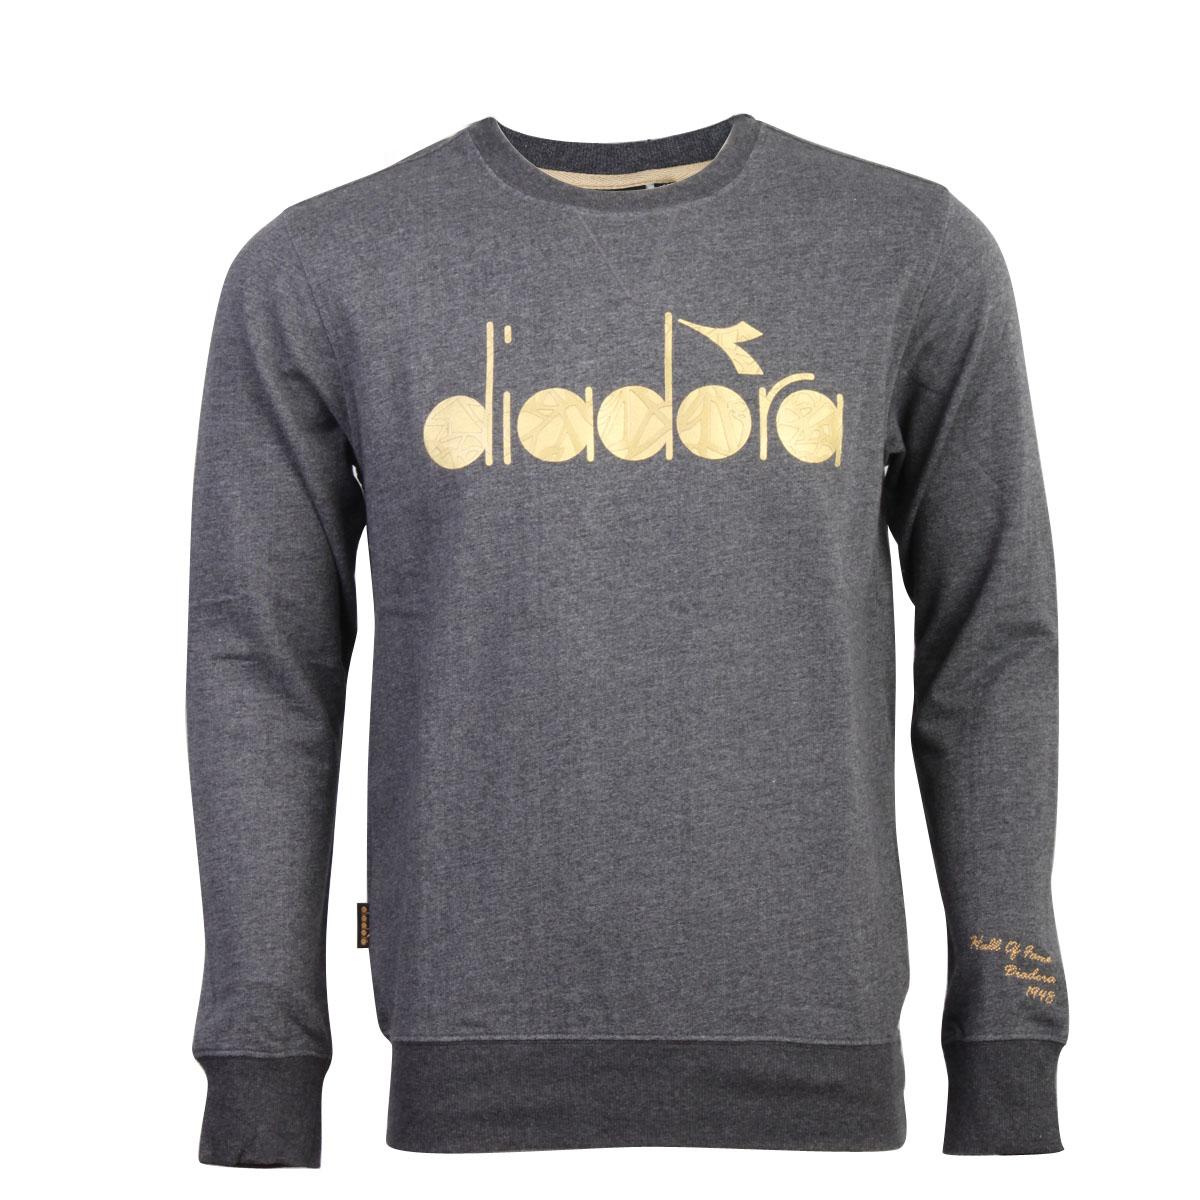 Спортивная толстовка Diadora 11101001blk 11101001 Для мужчин Пуловер Разное Бадминтон Защита от ультрафиолетового излучения, Быстросохнущие, Удерживающая тепло, Воздухопроницаемые Осенью 2011 года